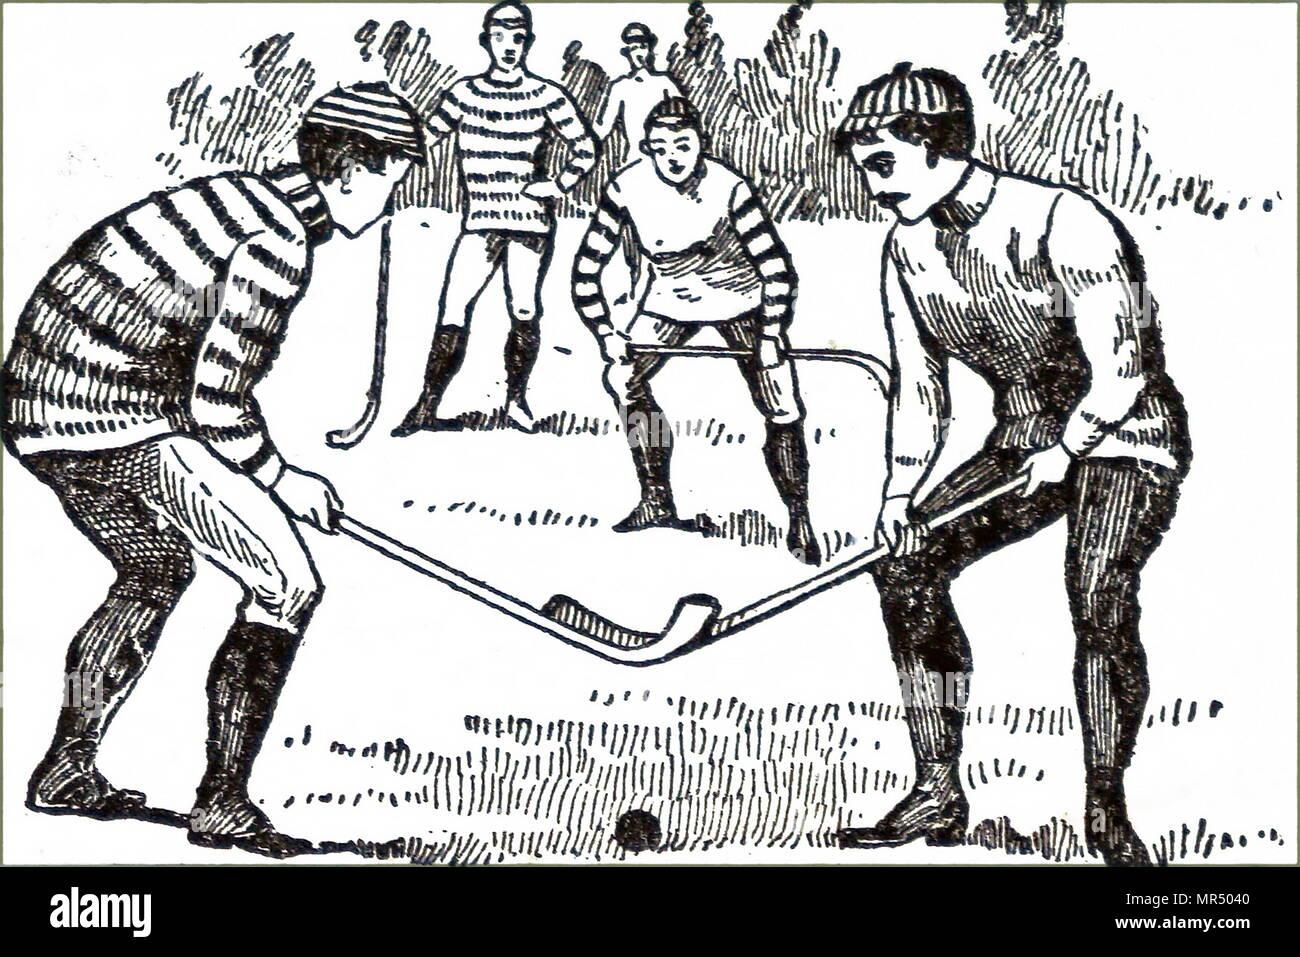 Ilustración representando hombres jugando un partido de hockey sobre hierba. Fecha Siglo XX Imagen De Stock